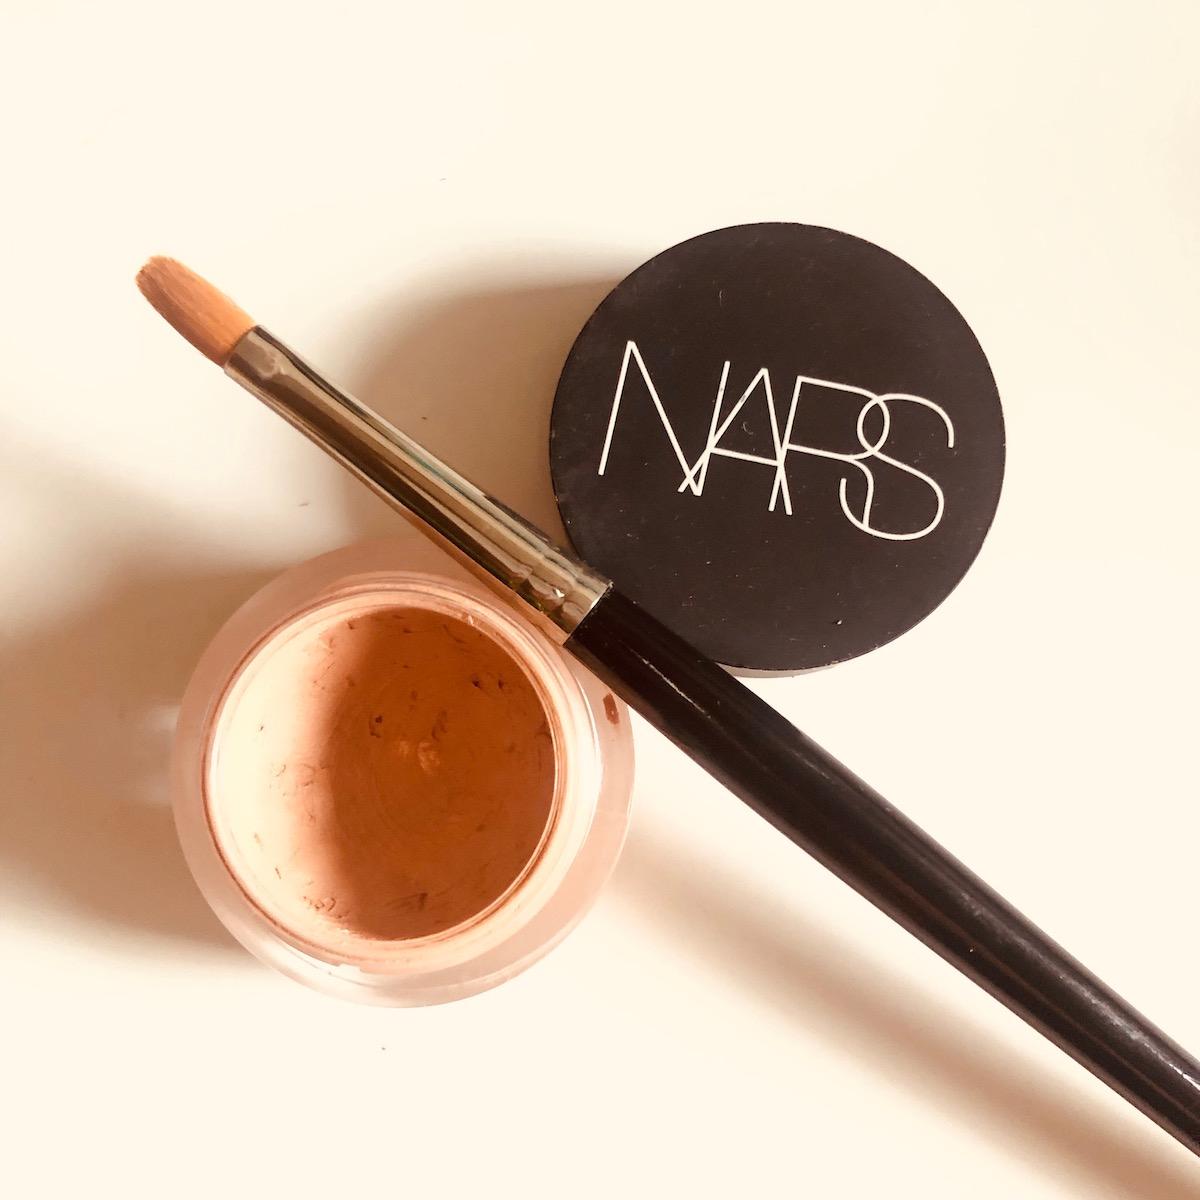 NARS ソフトマットコンプリートコンシーラー ¥3,600/NARS JAPAN